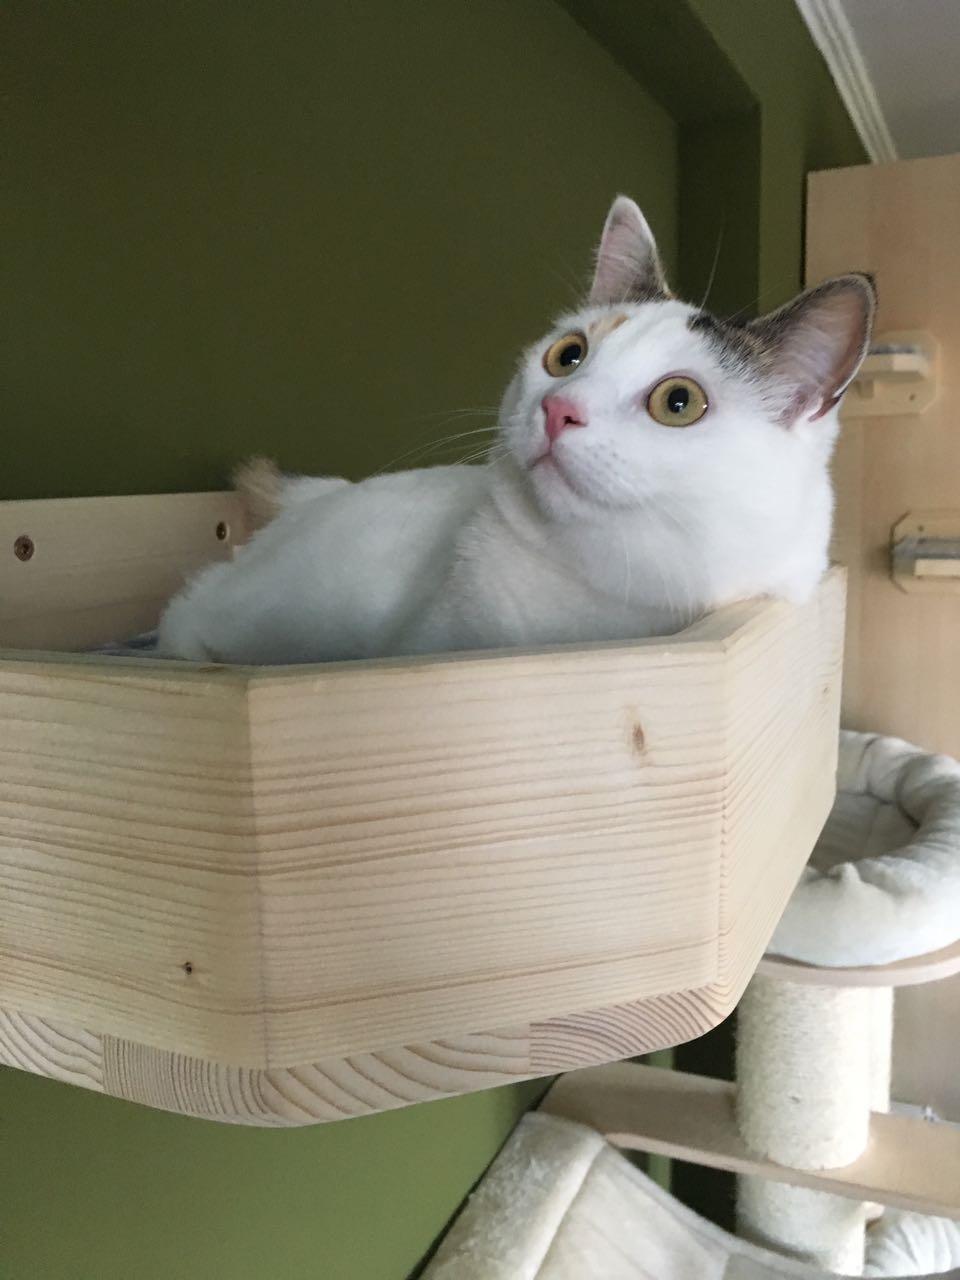 bettchen f r katzen sonderanfertigung kletterlandschaft. Black Bedroom Furniture Sets. Home Design Ideas